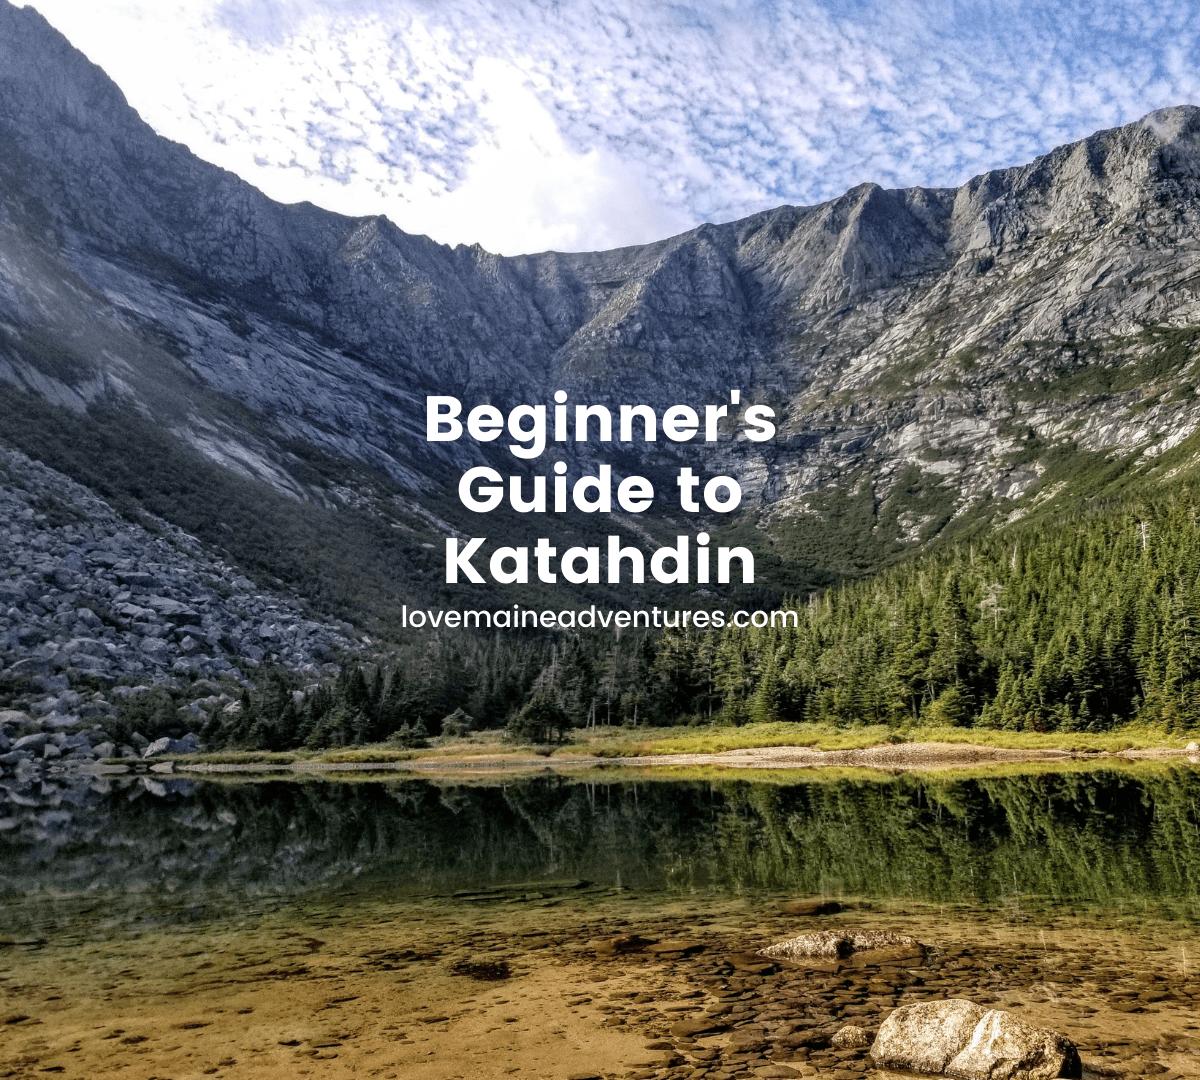 Beginner's Guide to Katahdin